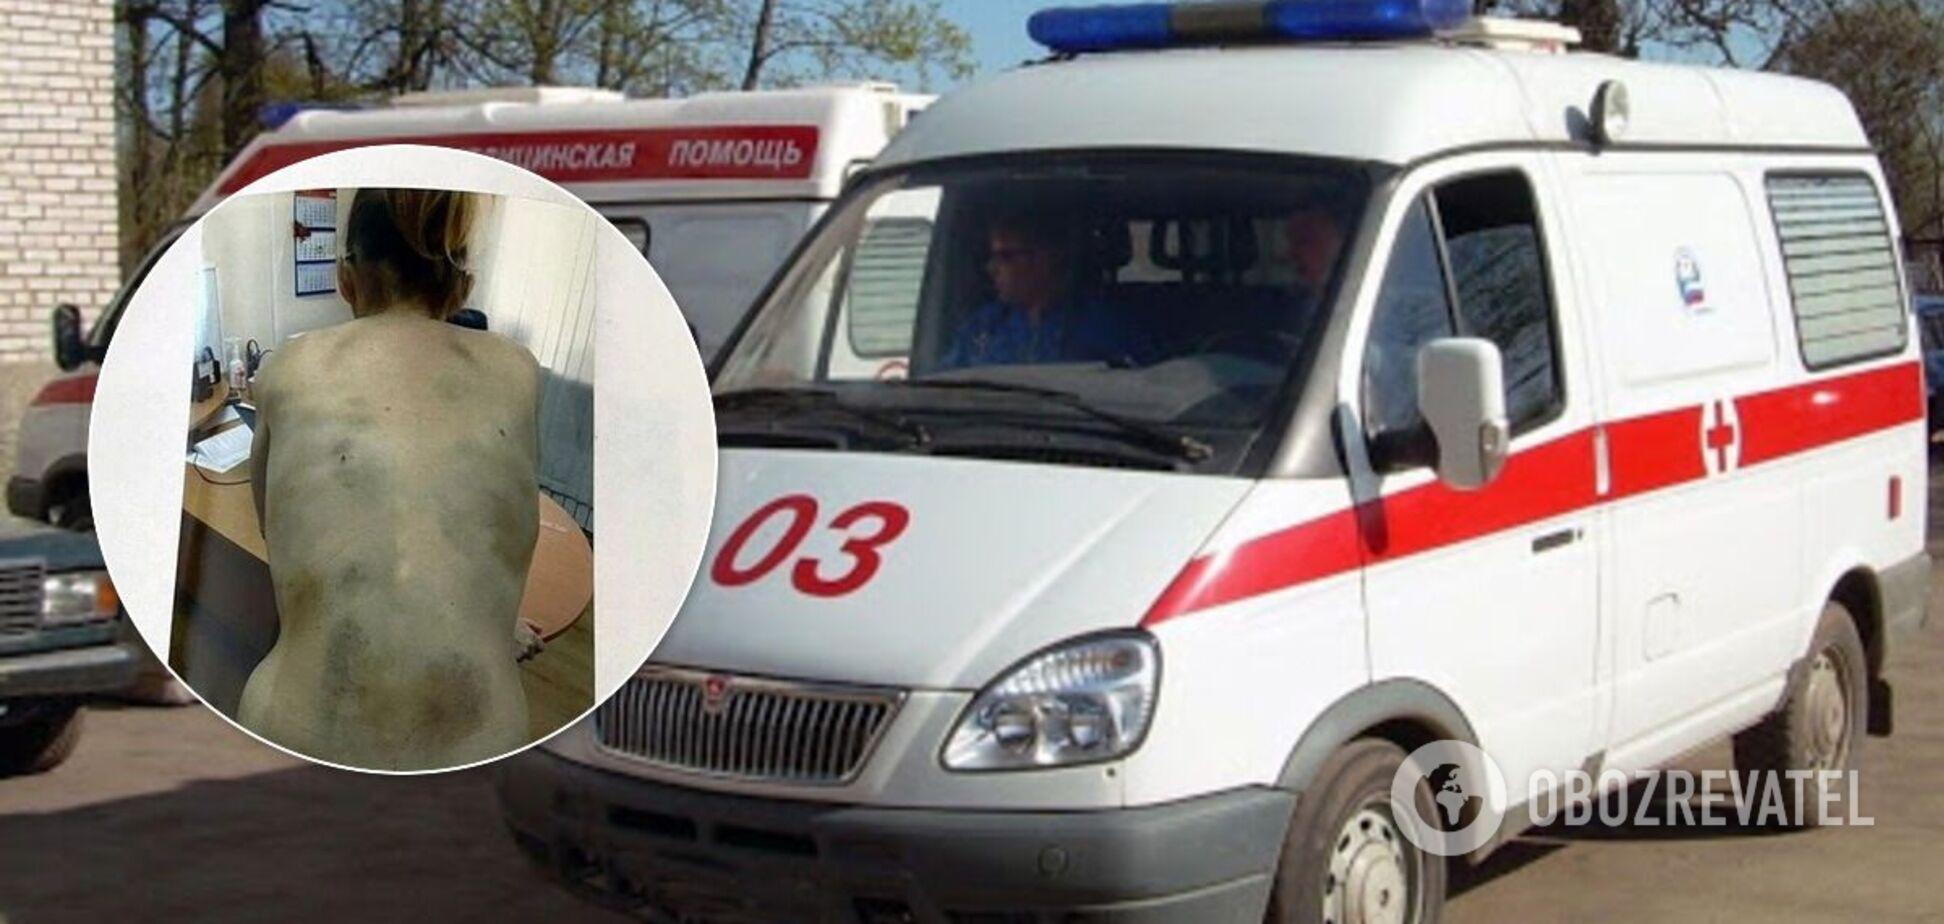 У Росії чоловік-нелюд бив і морив голодом сім'ю: жінка схудла до 35 кг. Фото 18+